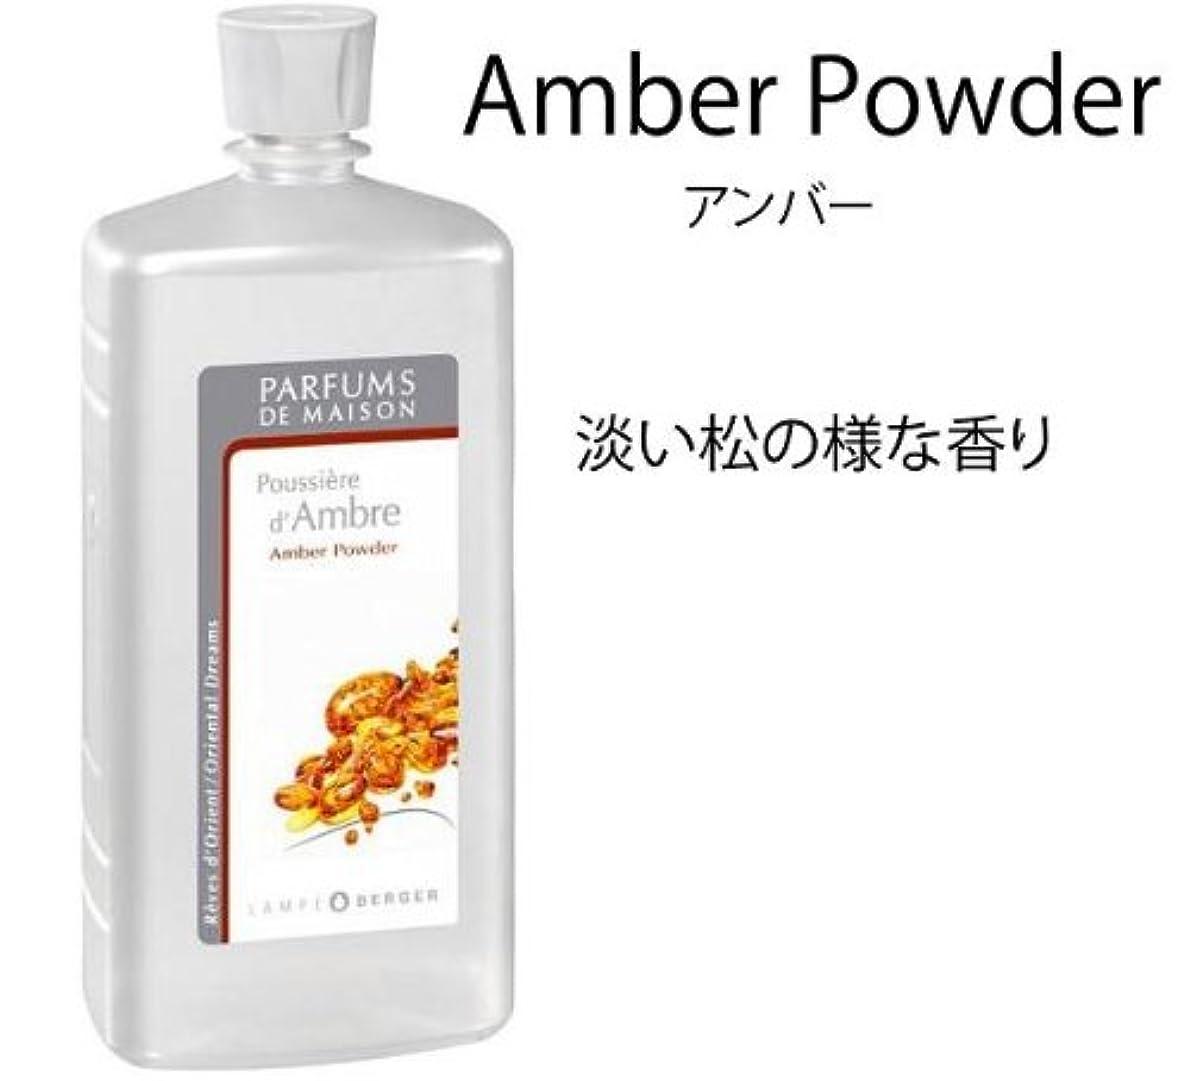 グリース櫛千【LAMP BERGER】France1000ml/Aroma Oil●Amber Powder●アンバー